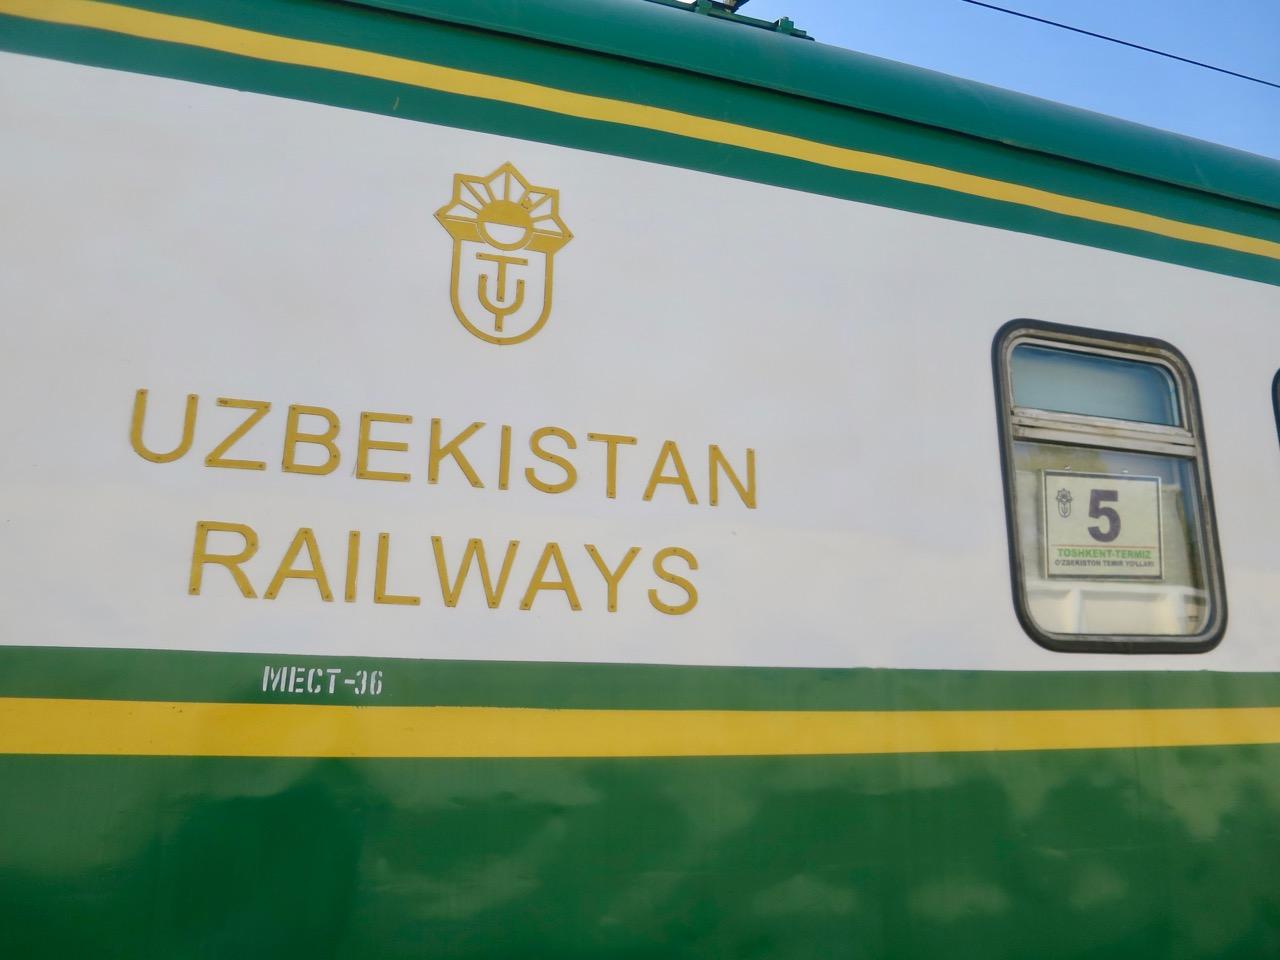 Uzbek trains 1 11